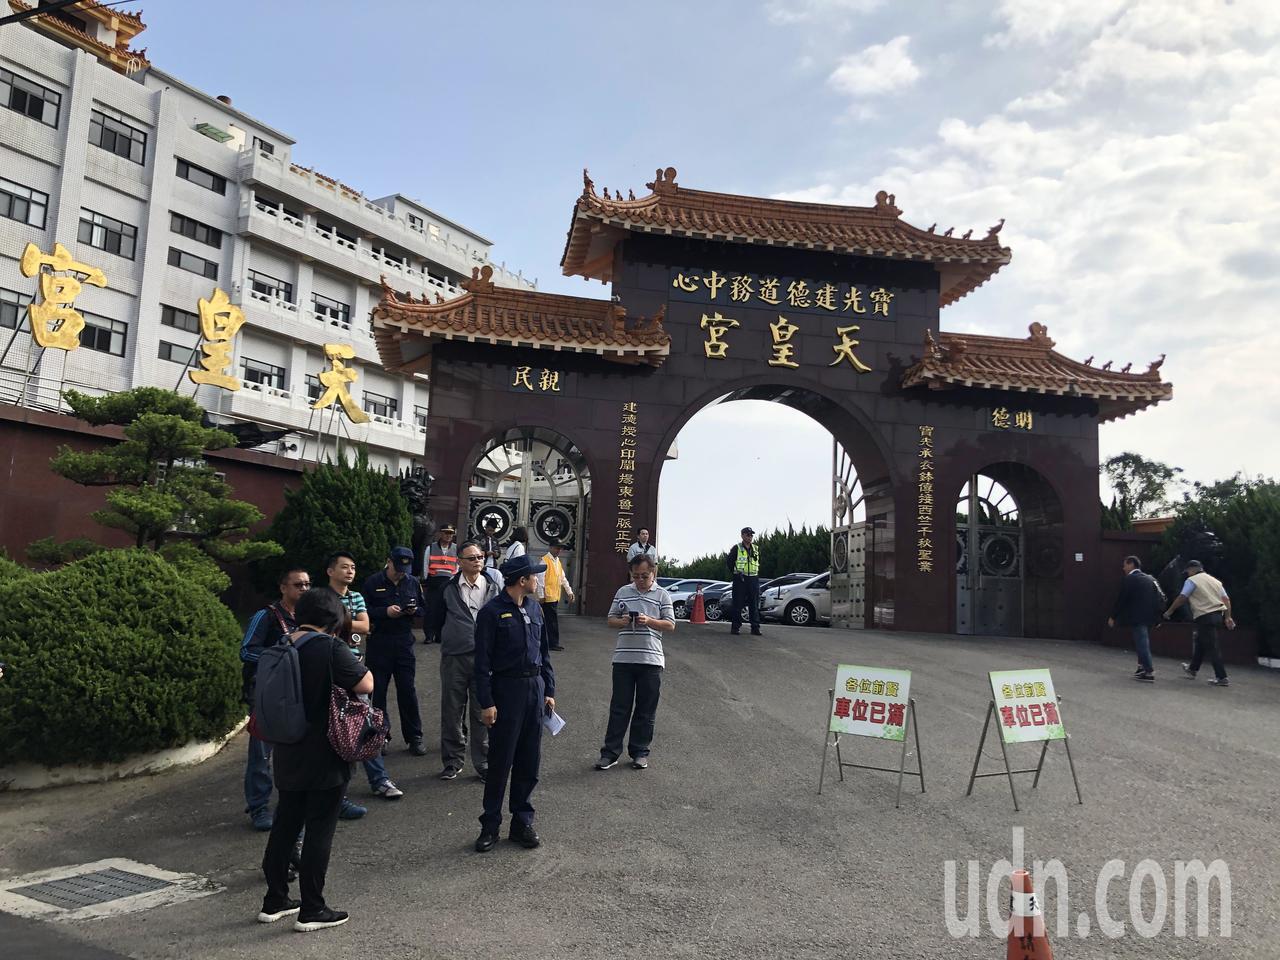 蔡英文總統今天上午出席位在石岡天皇宮的一貫道研習會,行程臨時改為不公開,媒體在大...